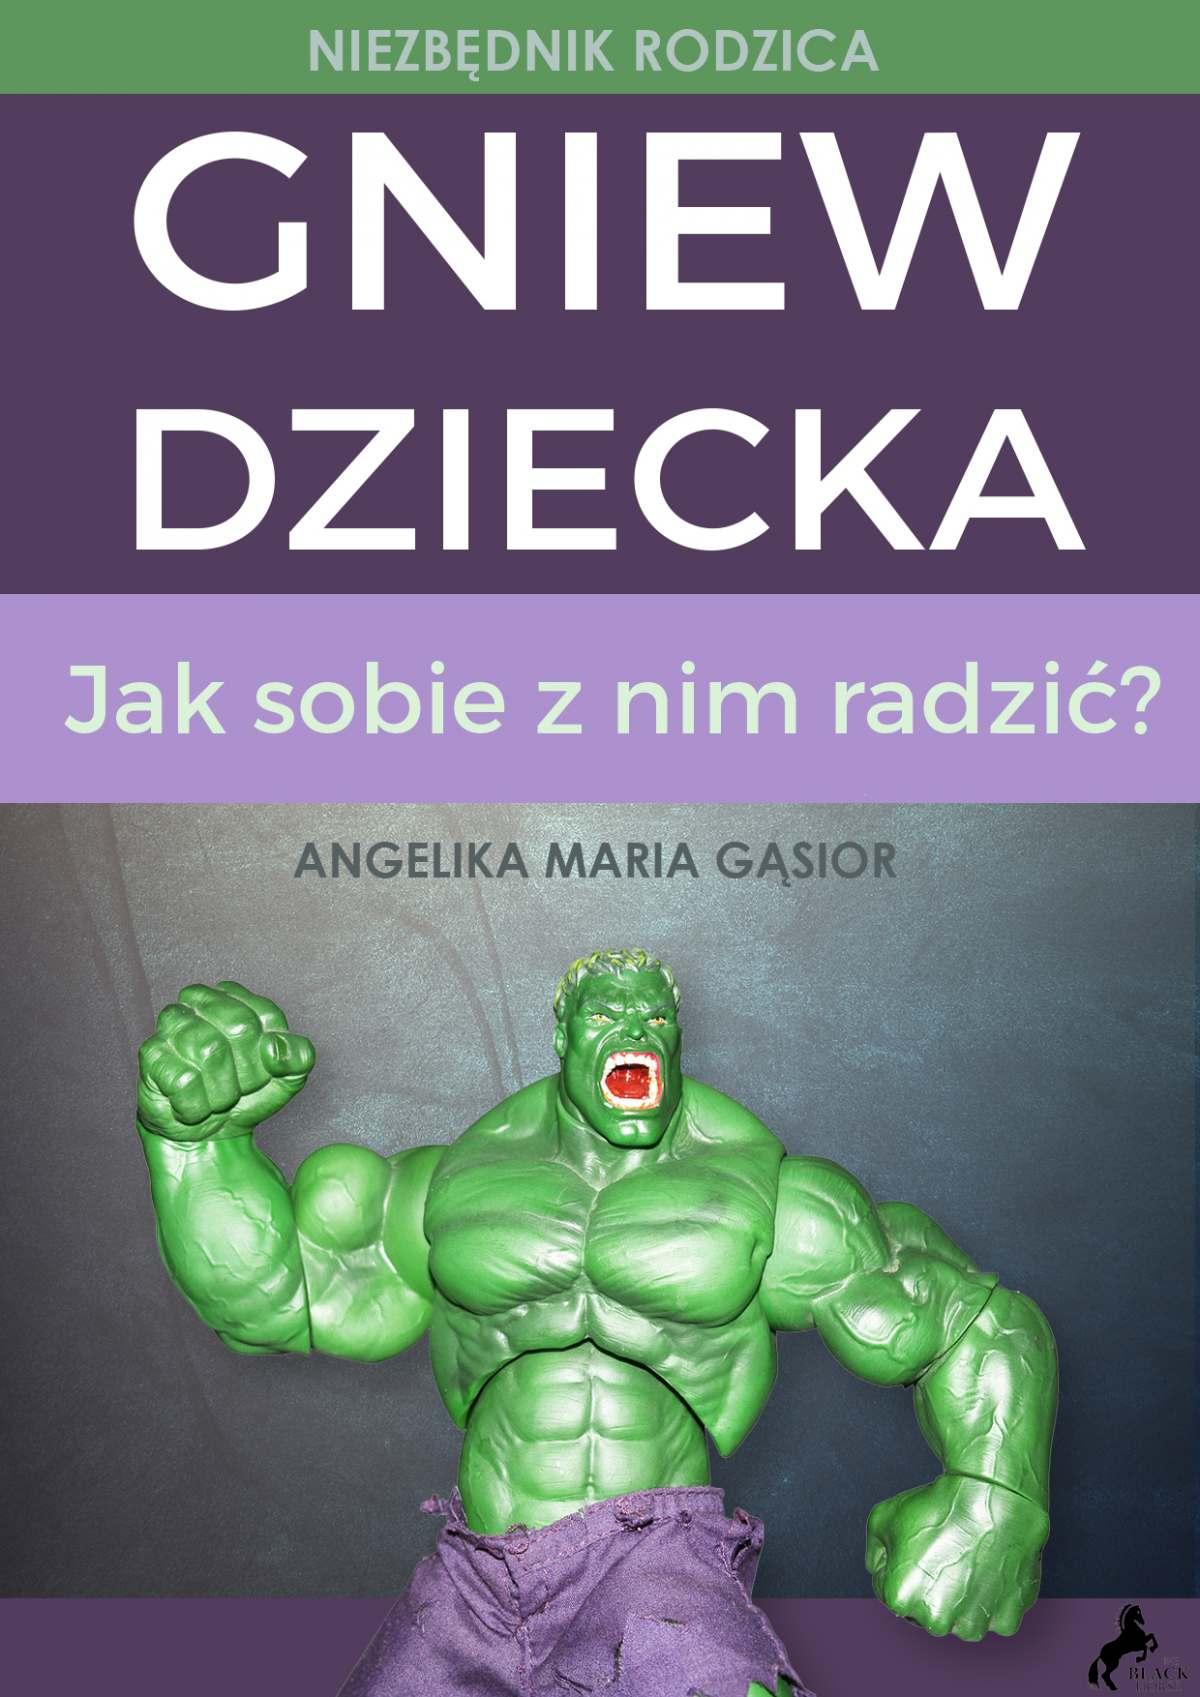 Gniew dziecka. Jak sobie sobie z nim radzić? - Audiobook (Książka audio MP3) do pobrania w całości w archiwum ZIP